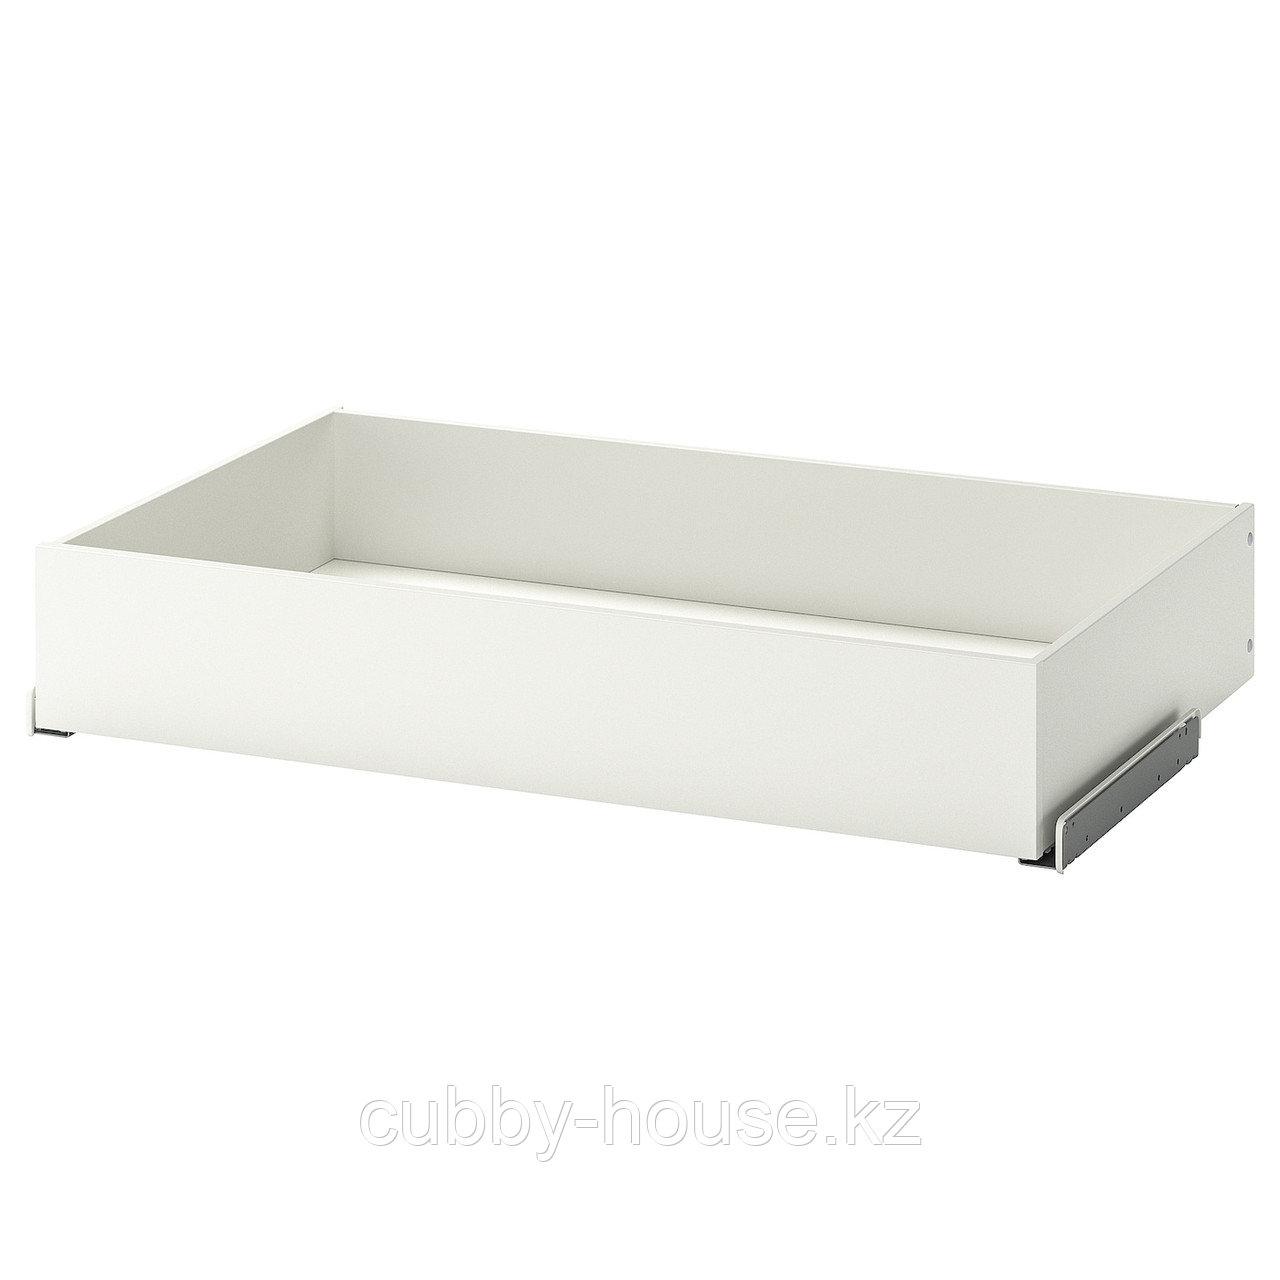 КОМПЛИМЕНТ Ящик, белый, 100x35 см